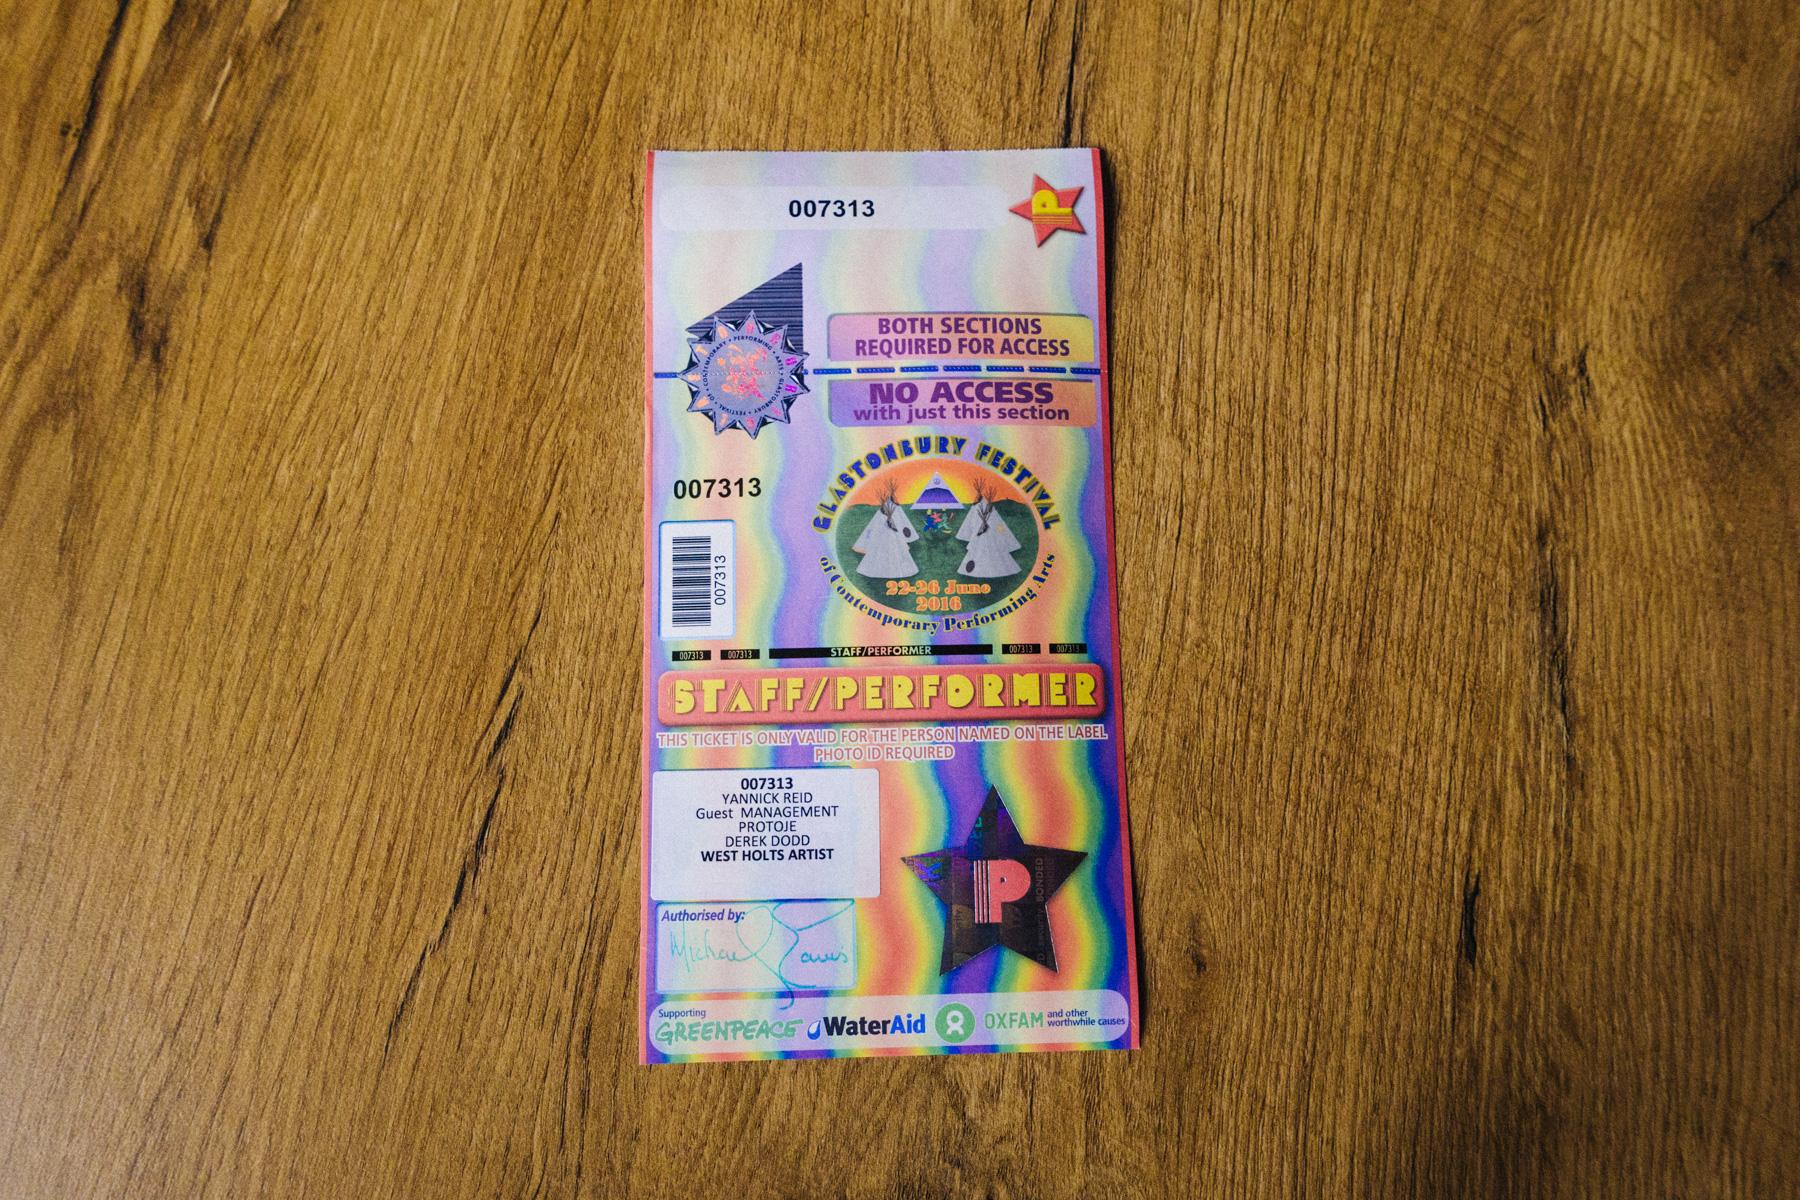 A Glastonbury artist ticket